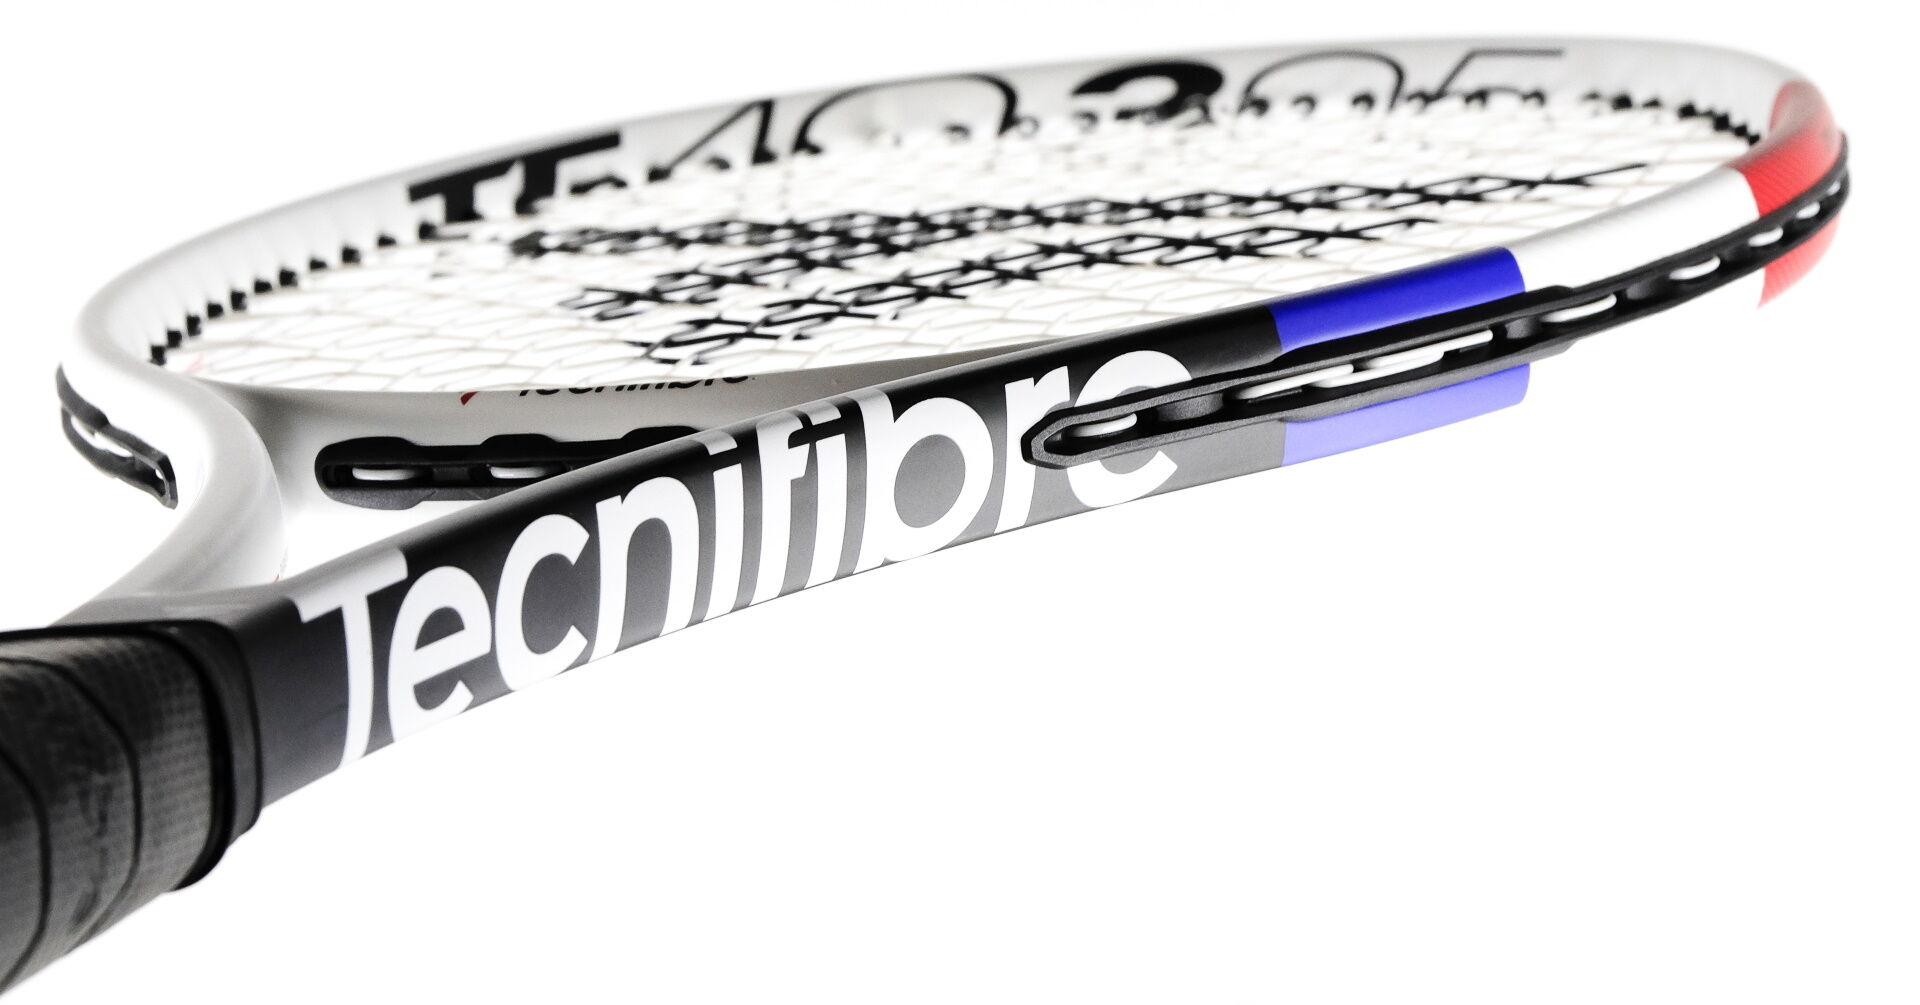 Tecnifibre TF40 305 teniszütő szép dizájnnal